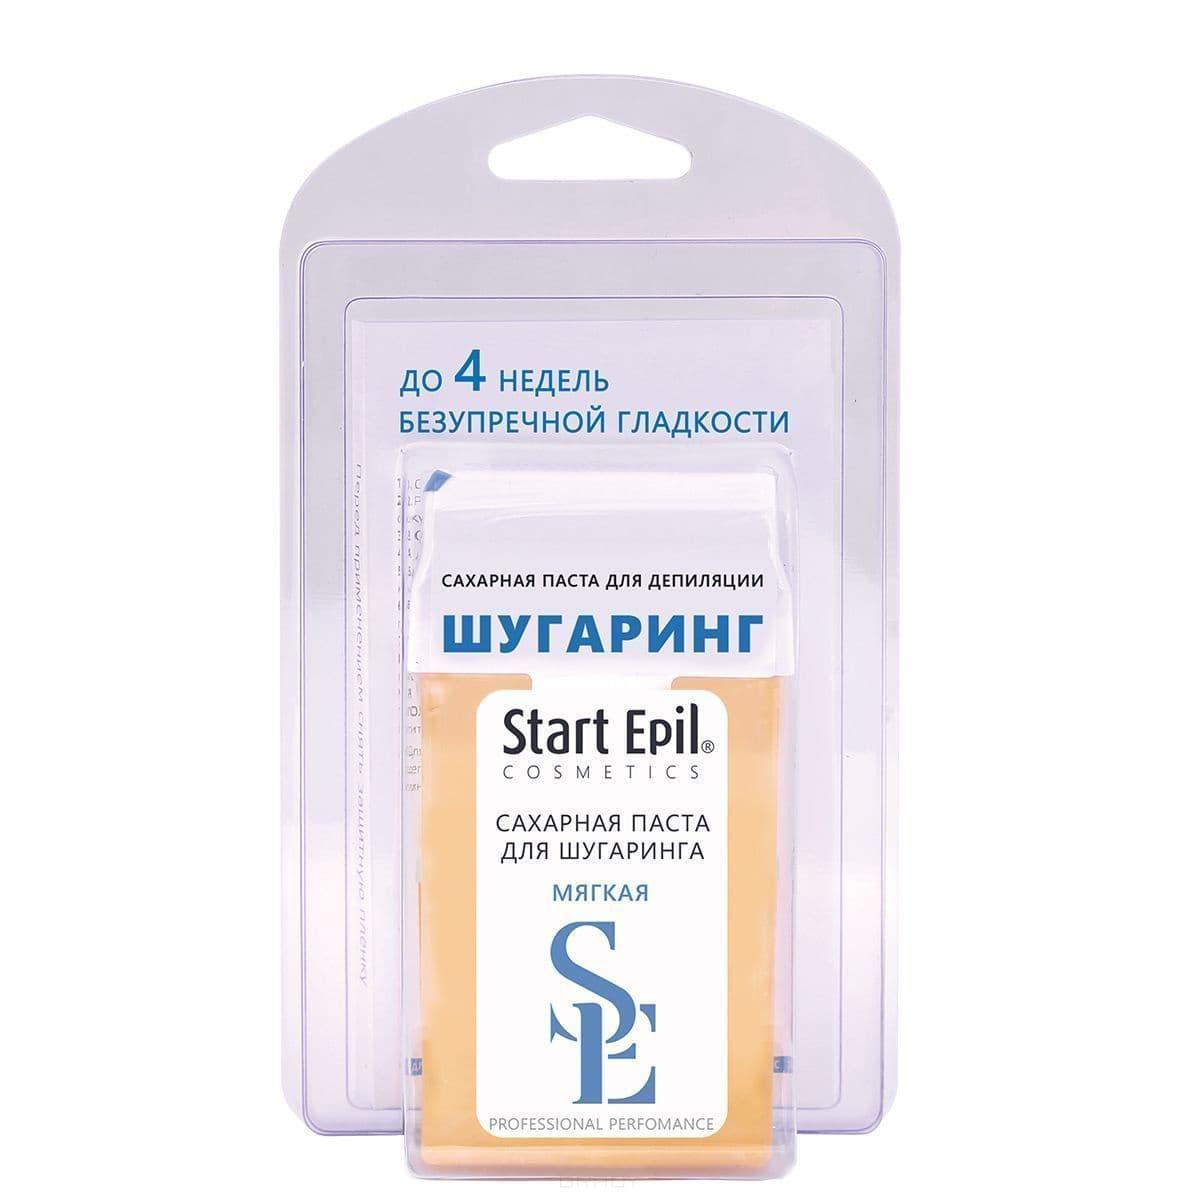 Набор для шугаринга: сахарная паста в картридже Мягкая 100 г + полоски для депиляции italwax набор длявосковой депиляции воск в картридже